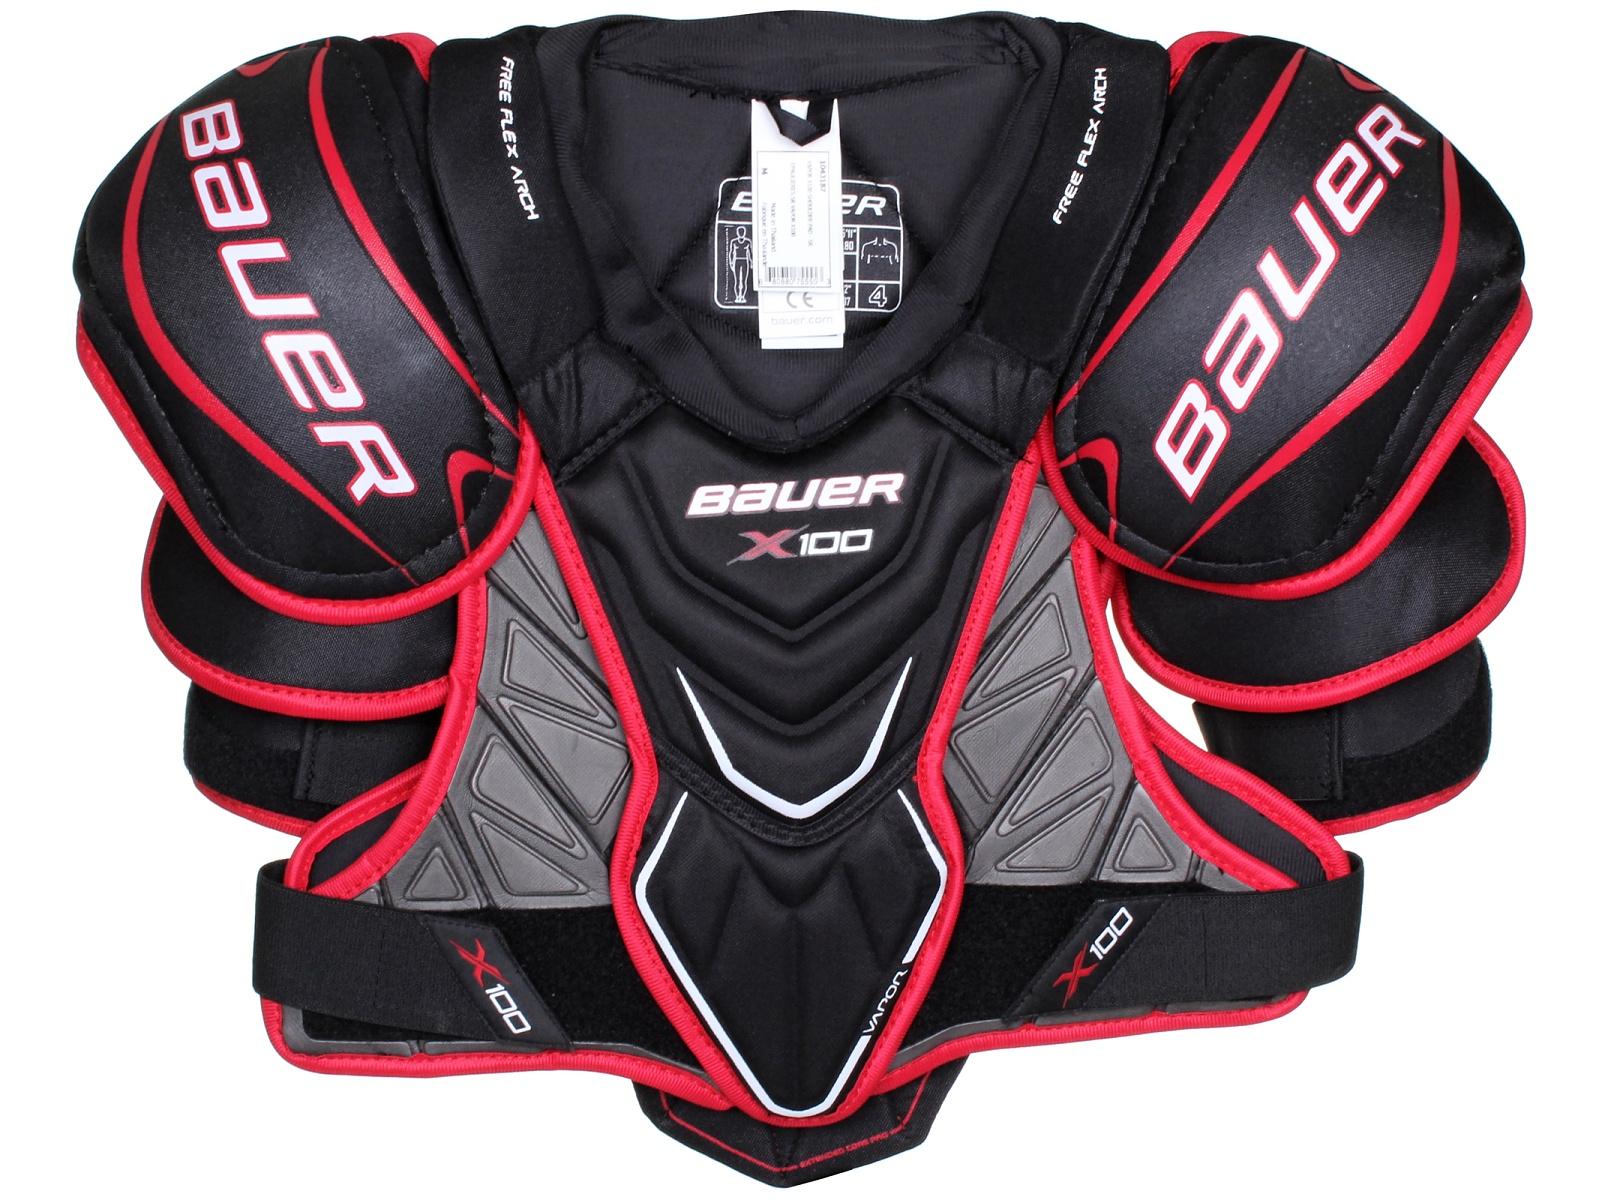 Hokejový chránič ramen BAUER Vapor X100 SR - vel. XL